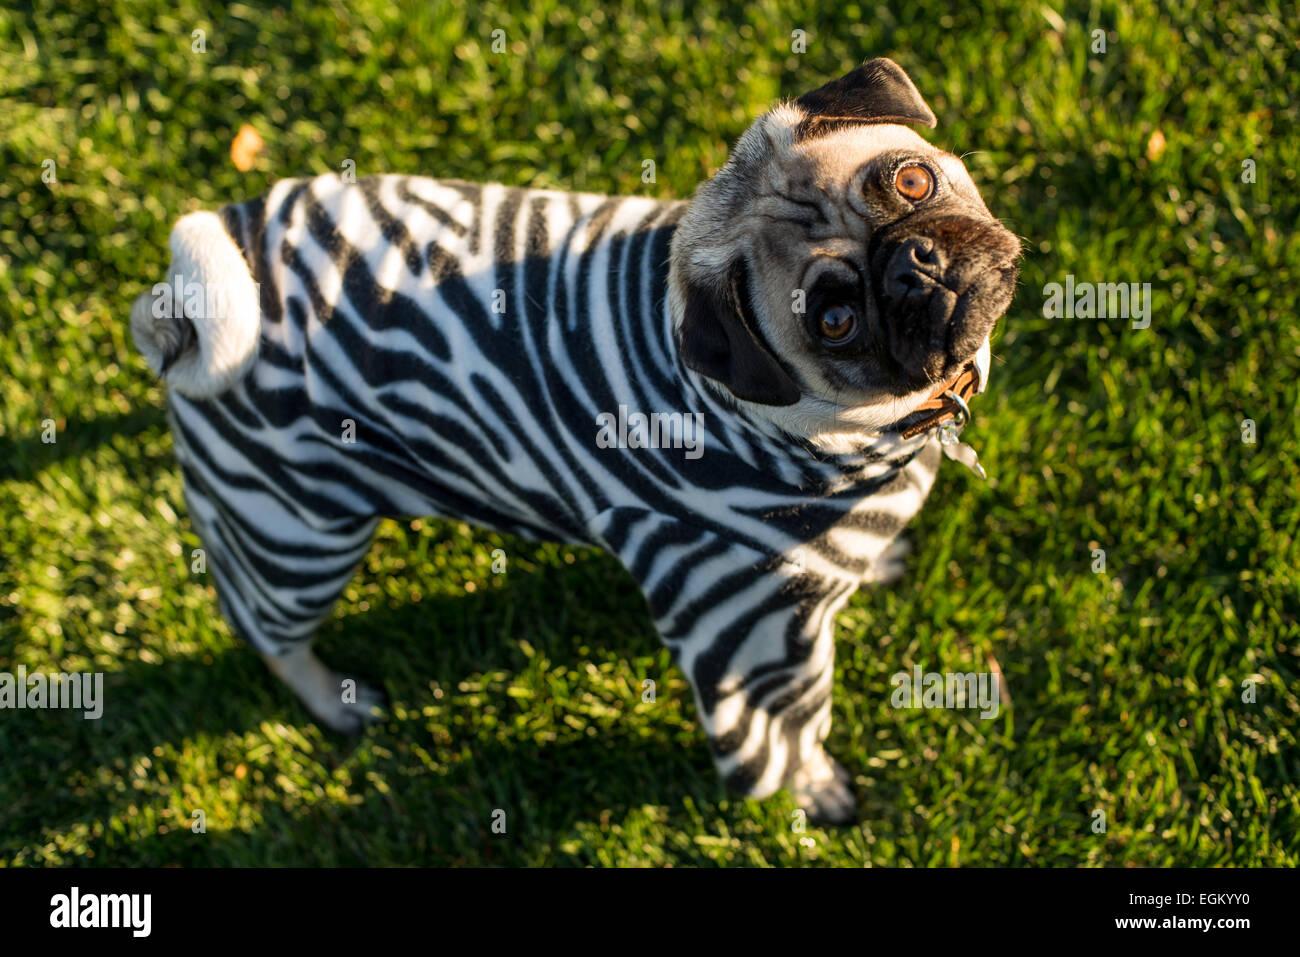 Zebra Pug - Stock Image